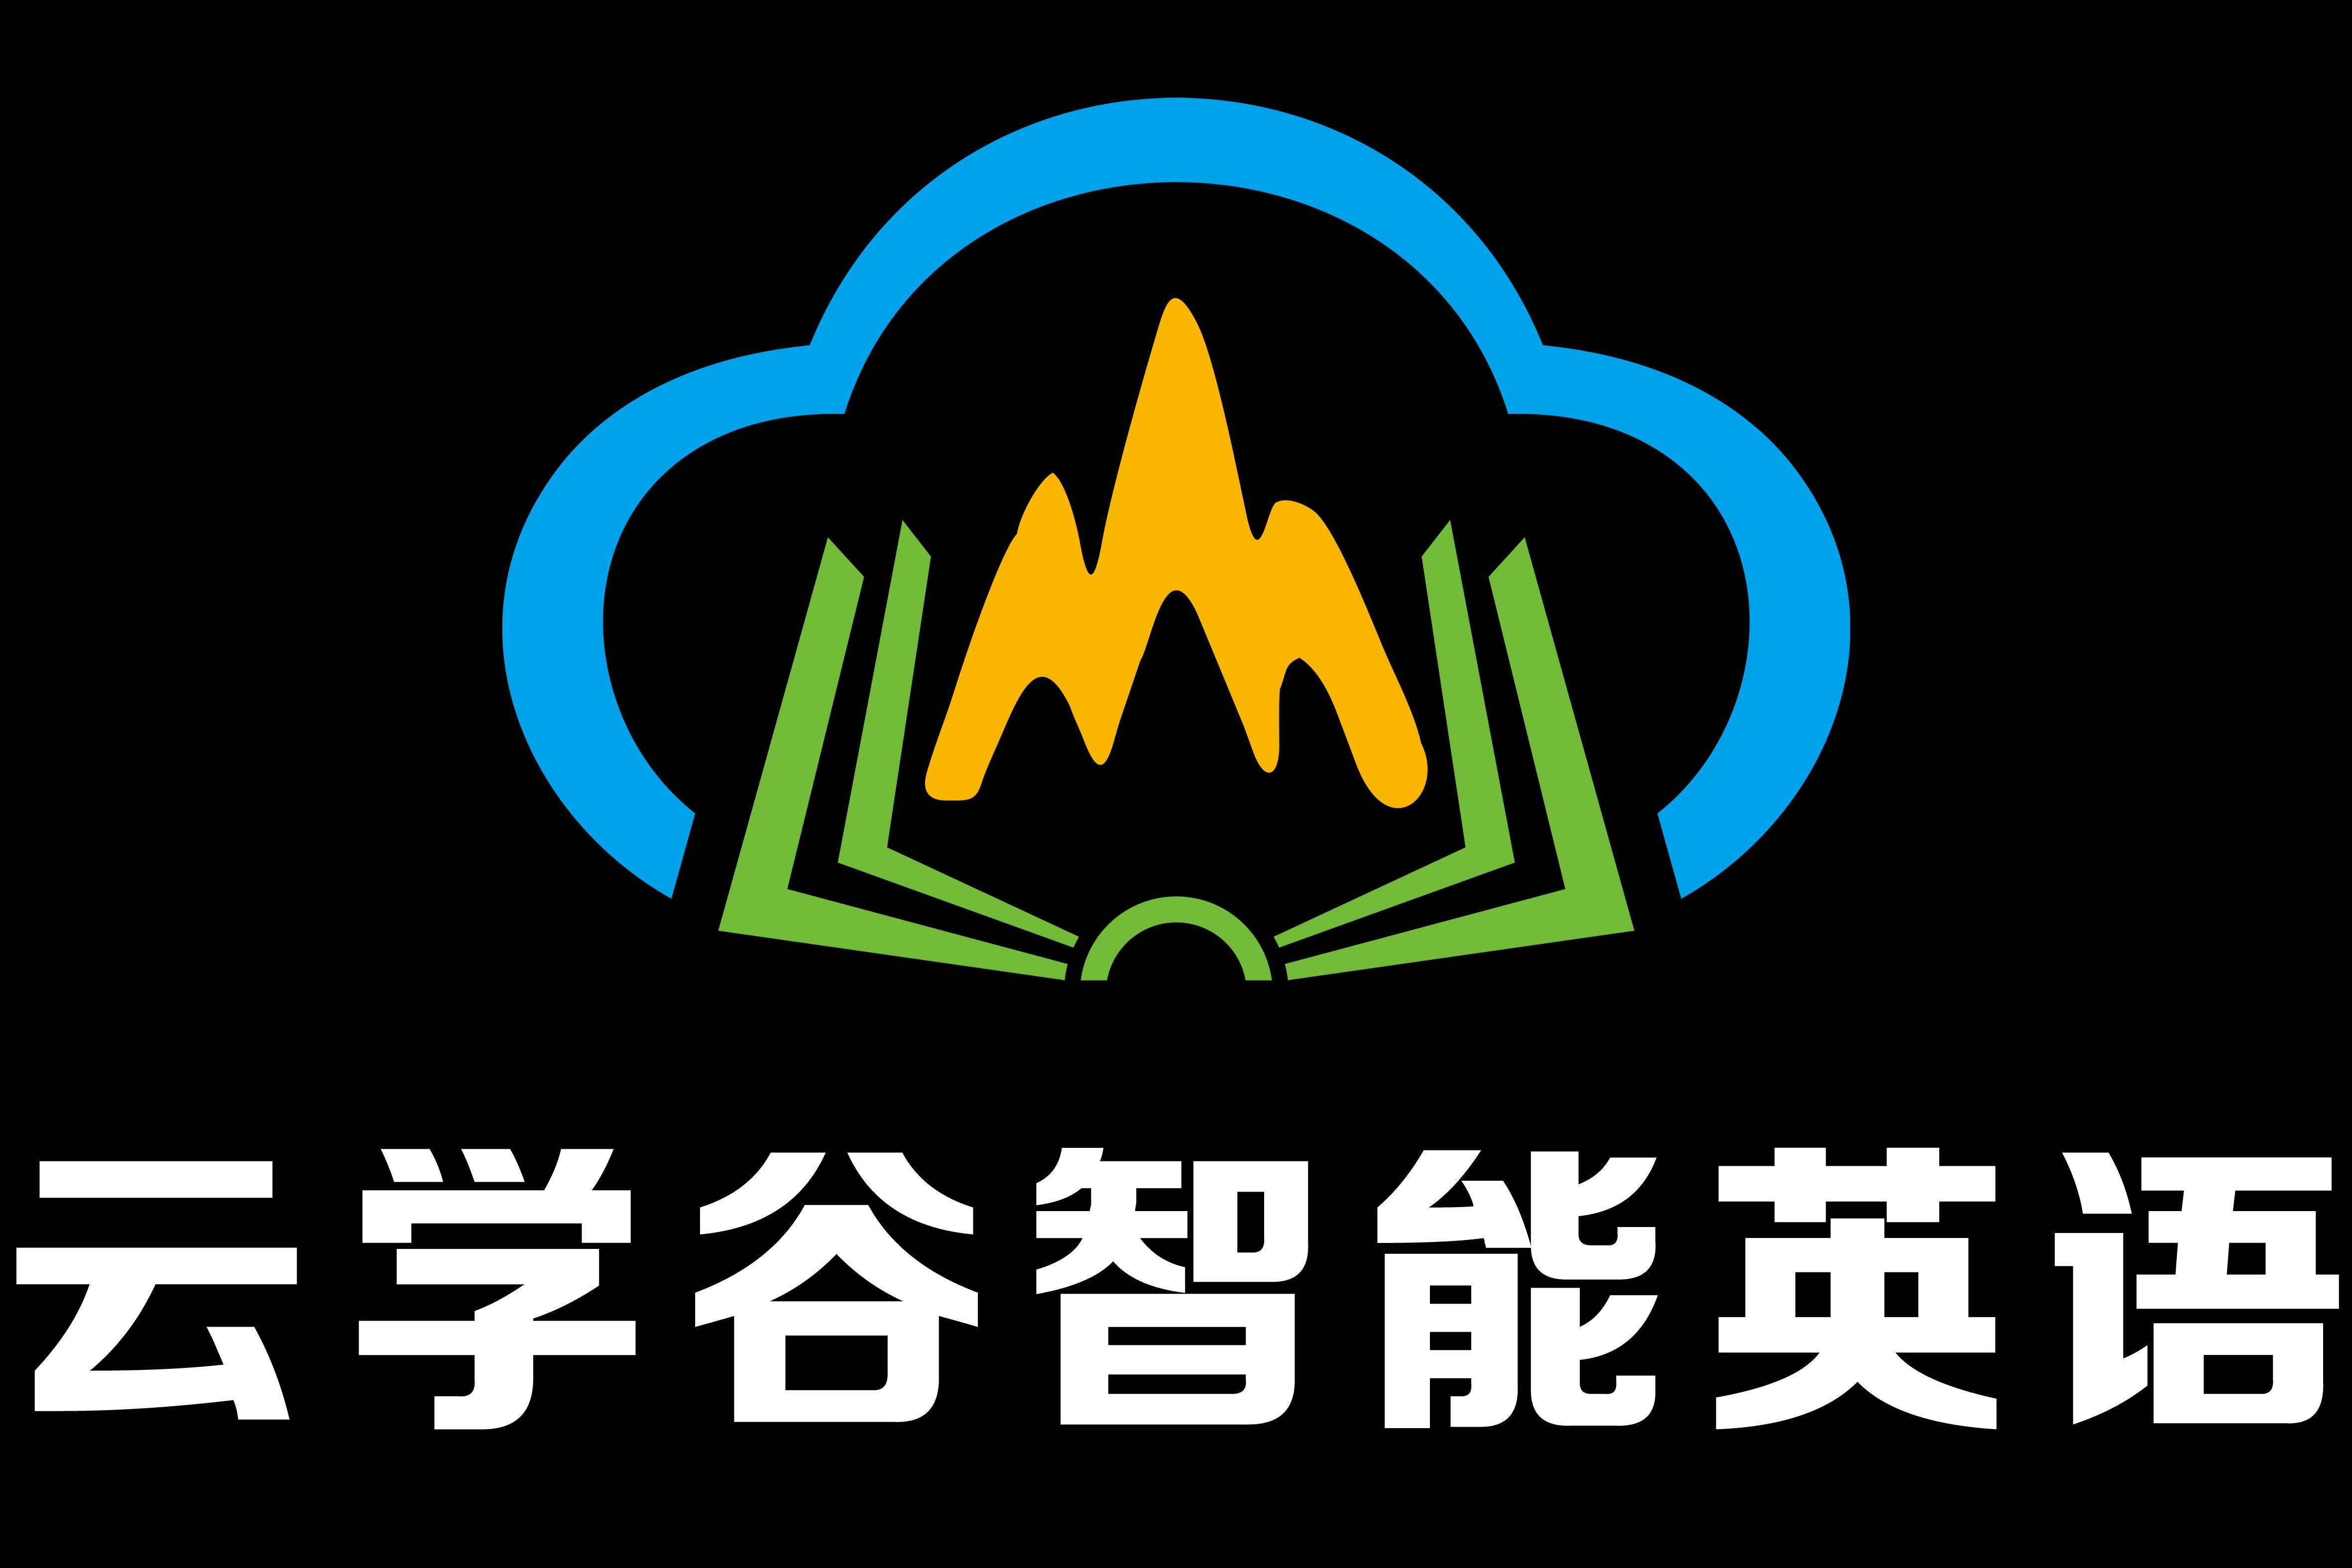 北京腾骏英才教育科技有限公司加盟